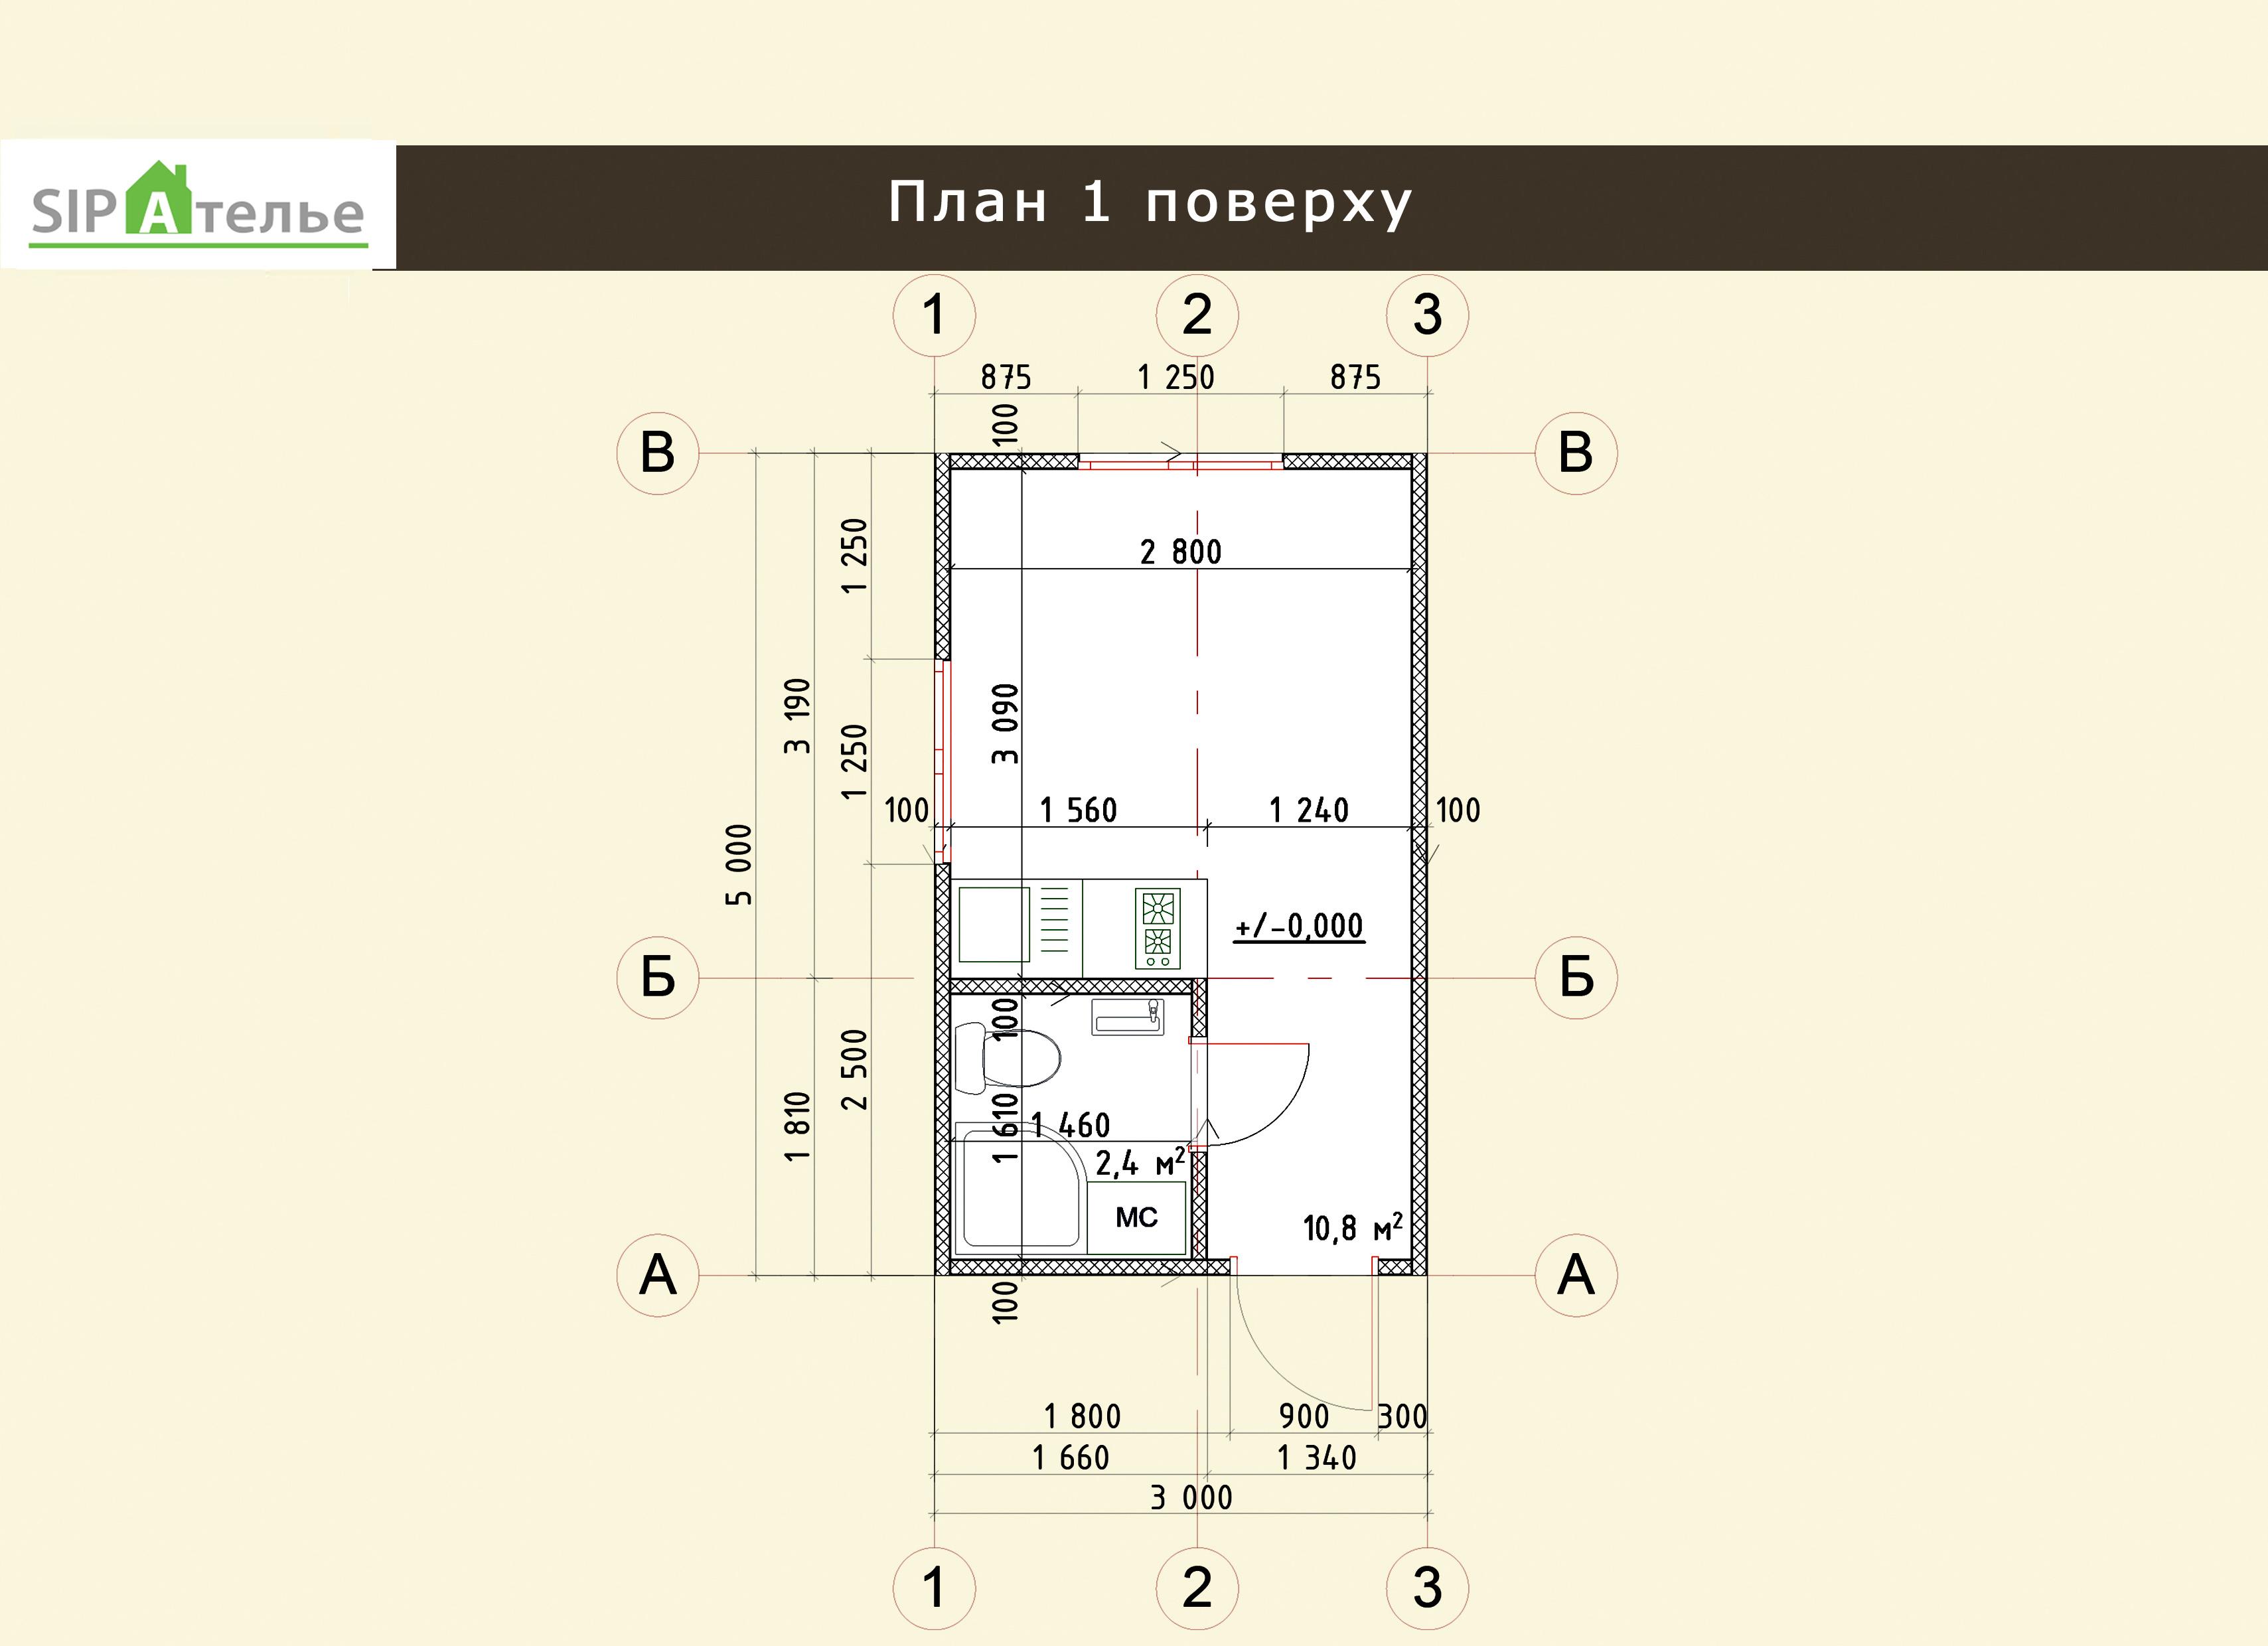 Планировка одноэтажного дома из сип панелей Вуд